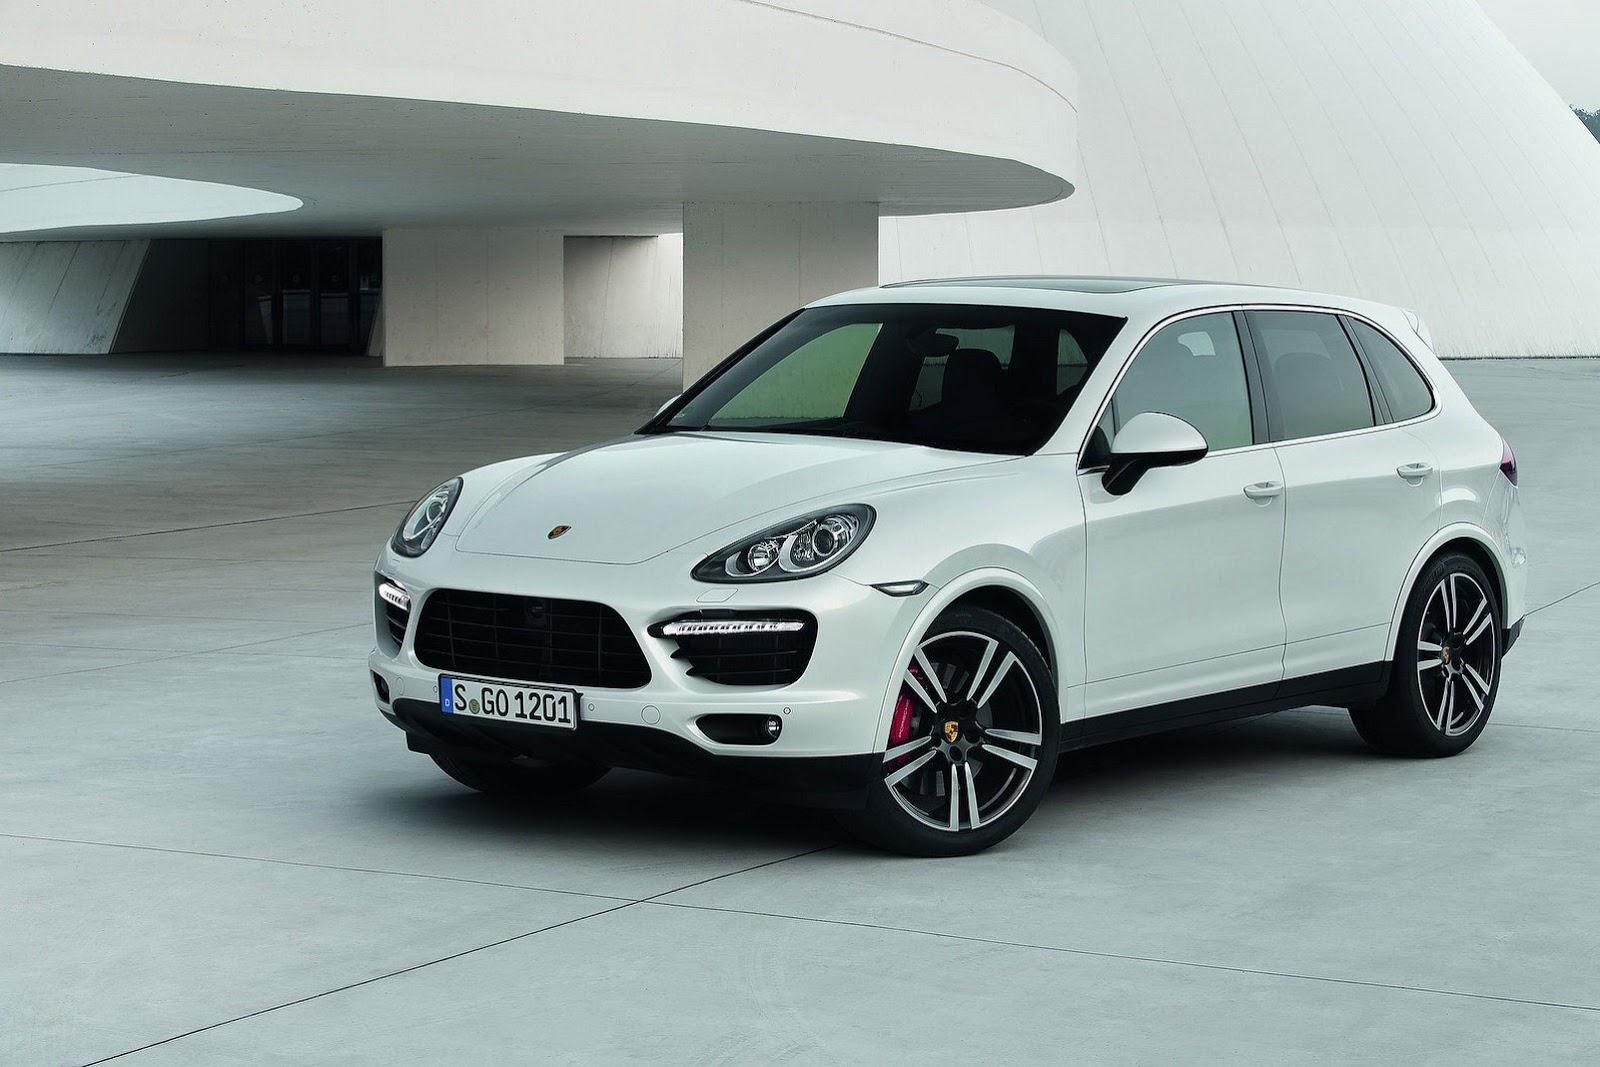 550 Km W Suv Ie Porsche Cayenne Turbo S Oficjalnie Ujawnione Wideo 171 Autokult Pl